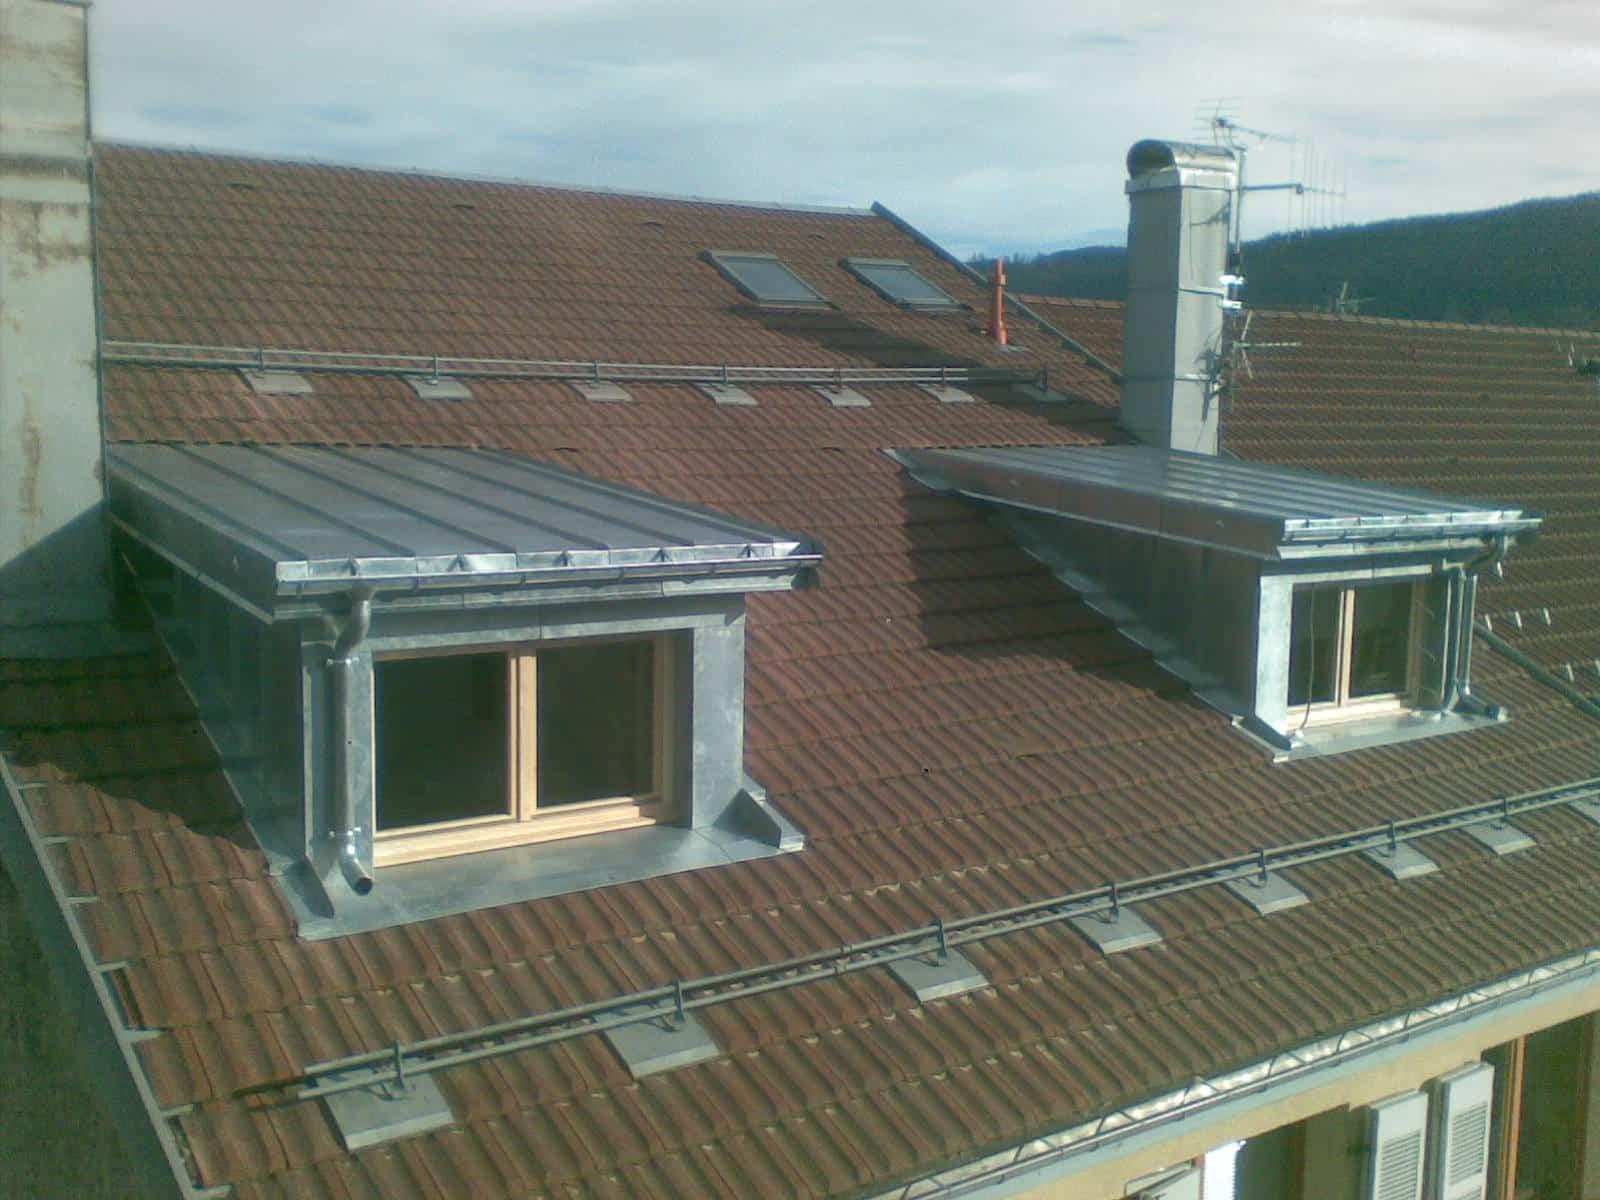 Surélévation-ossature bois-couverture-zinc -joint debout